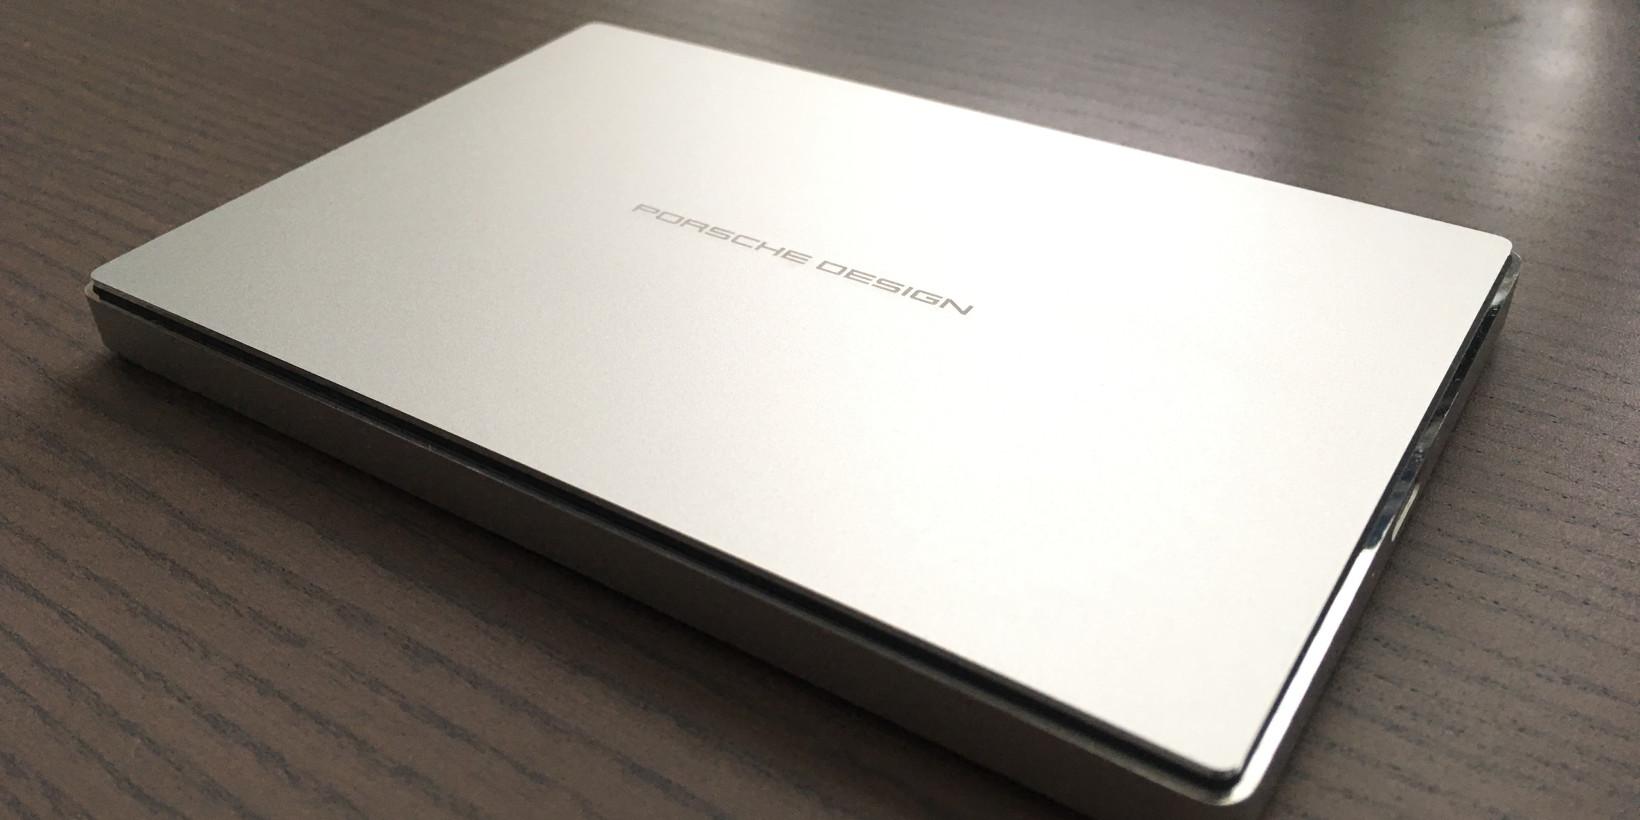 lacie porsche design 1tb review